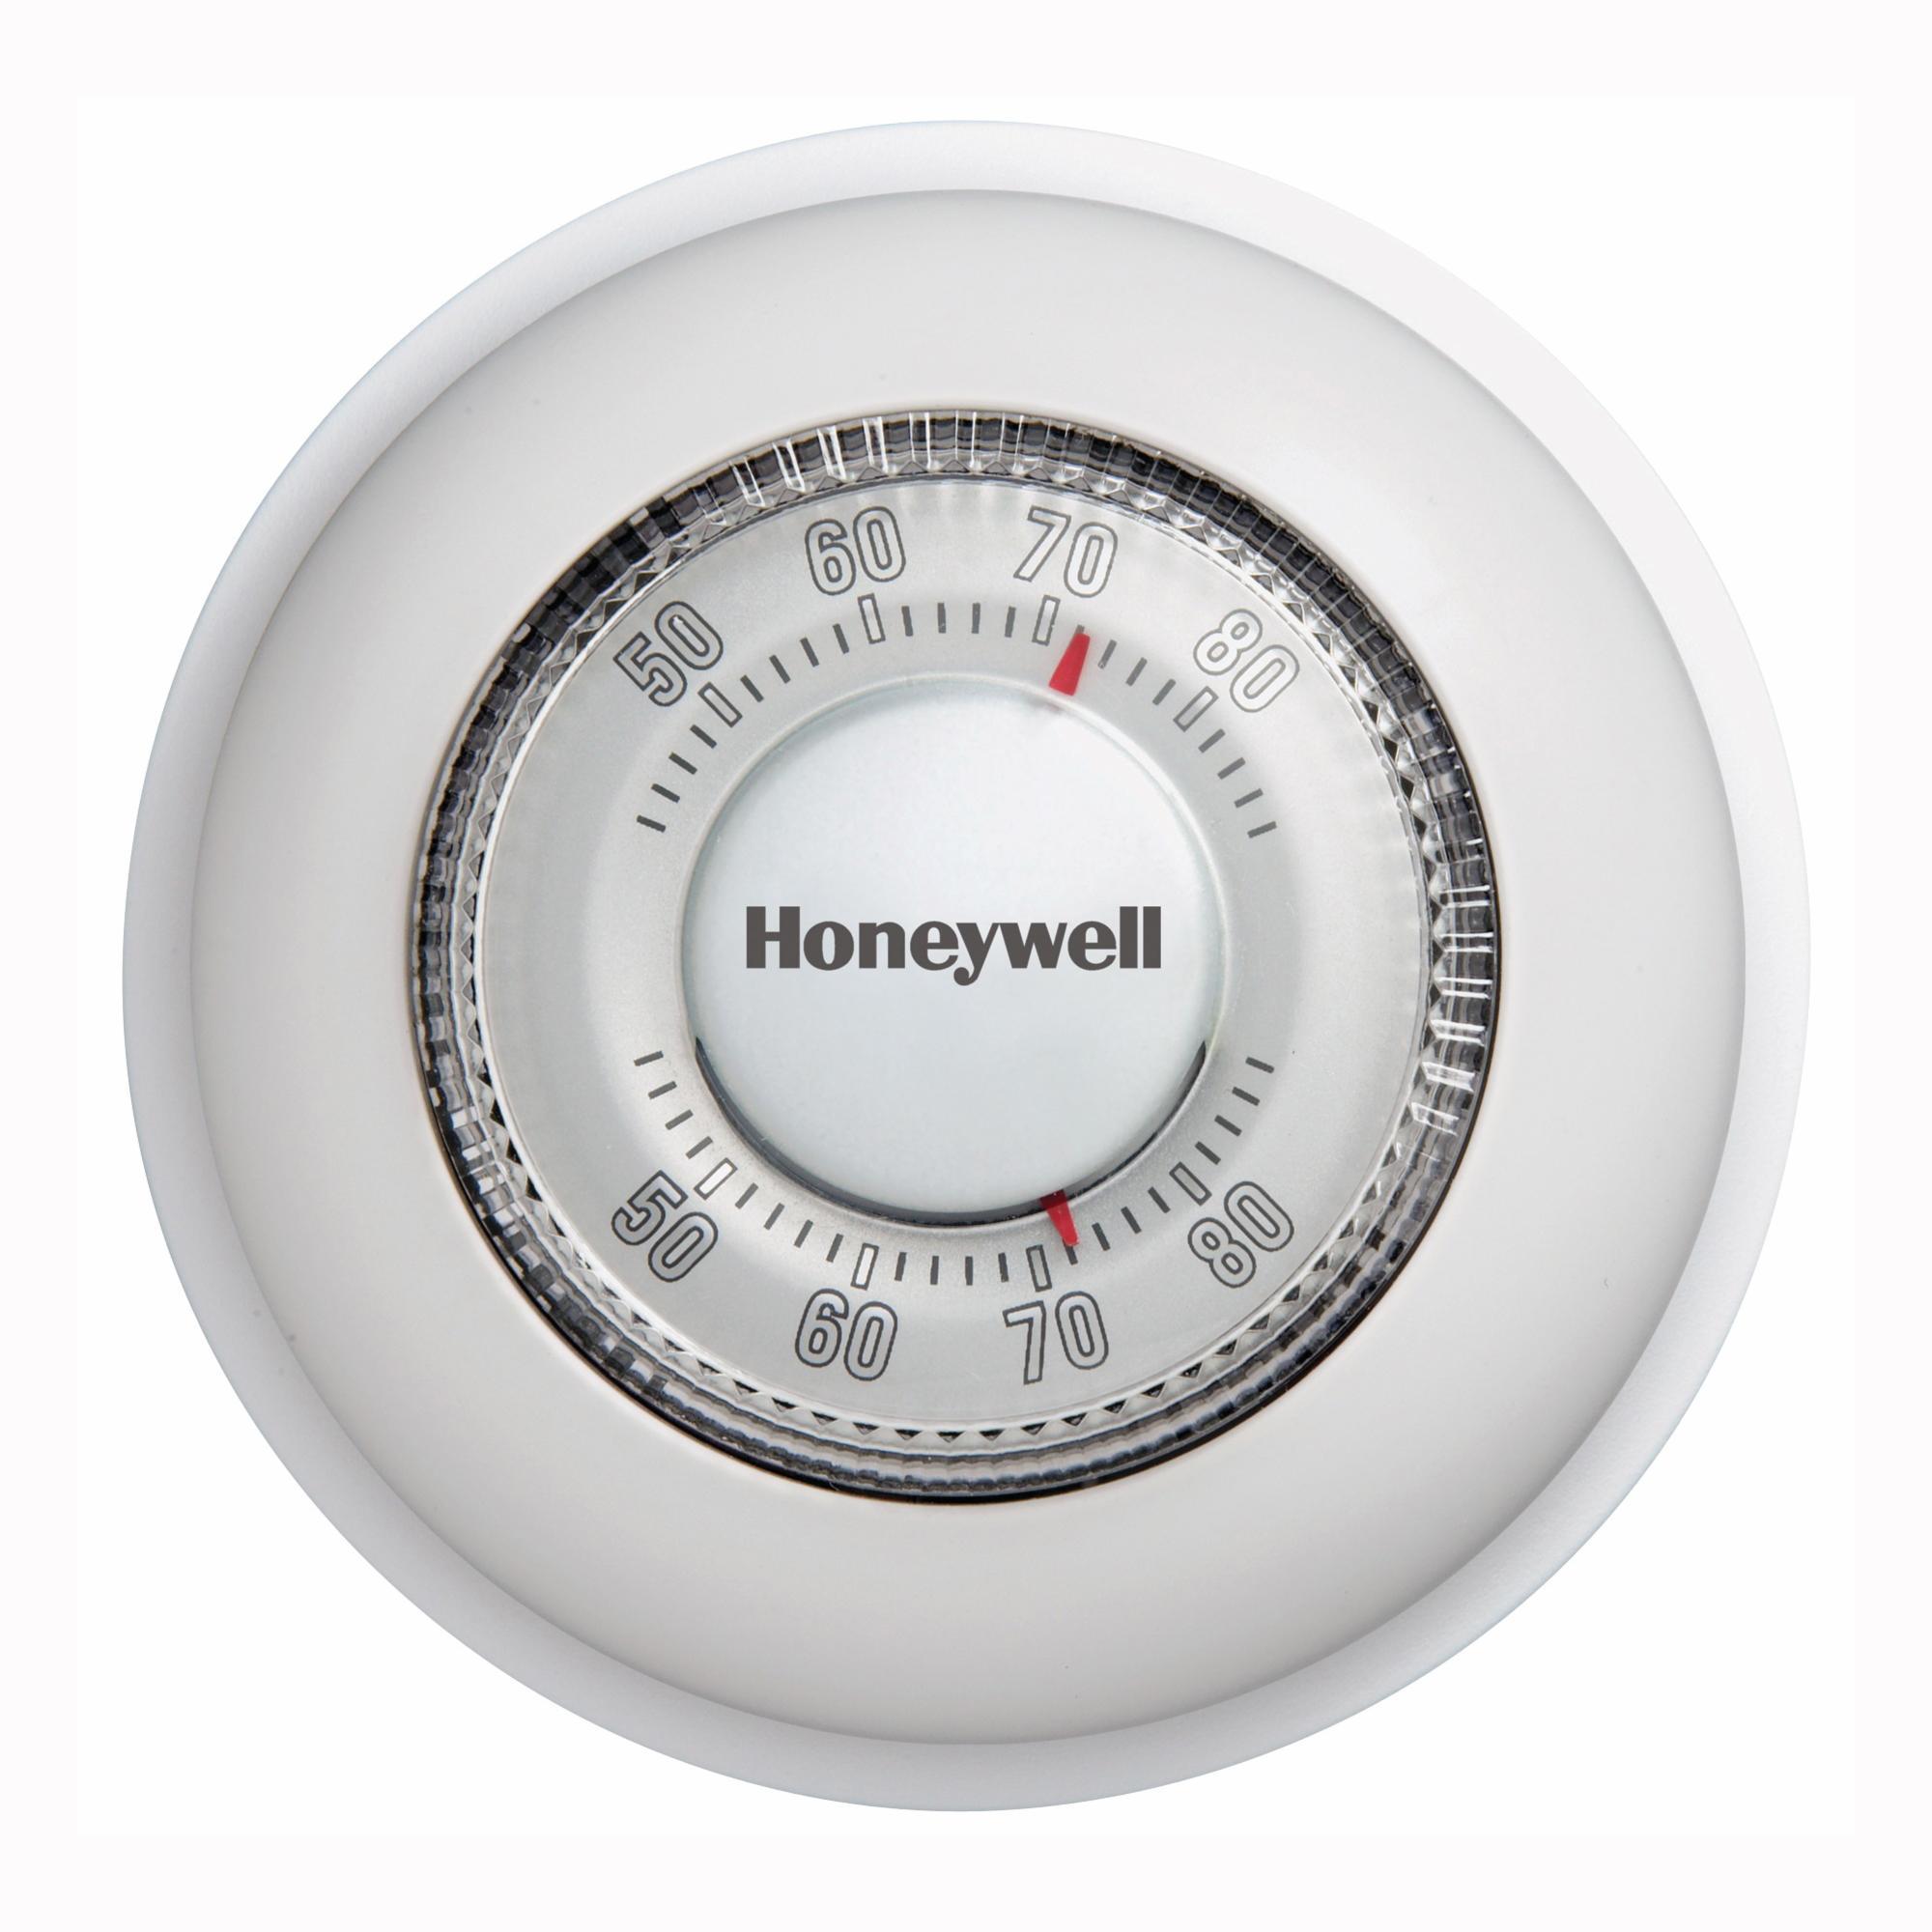 Honeywell CT87K